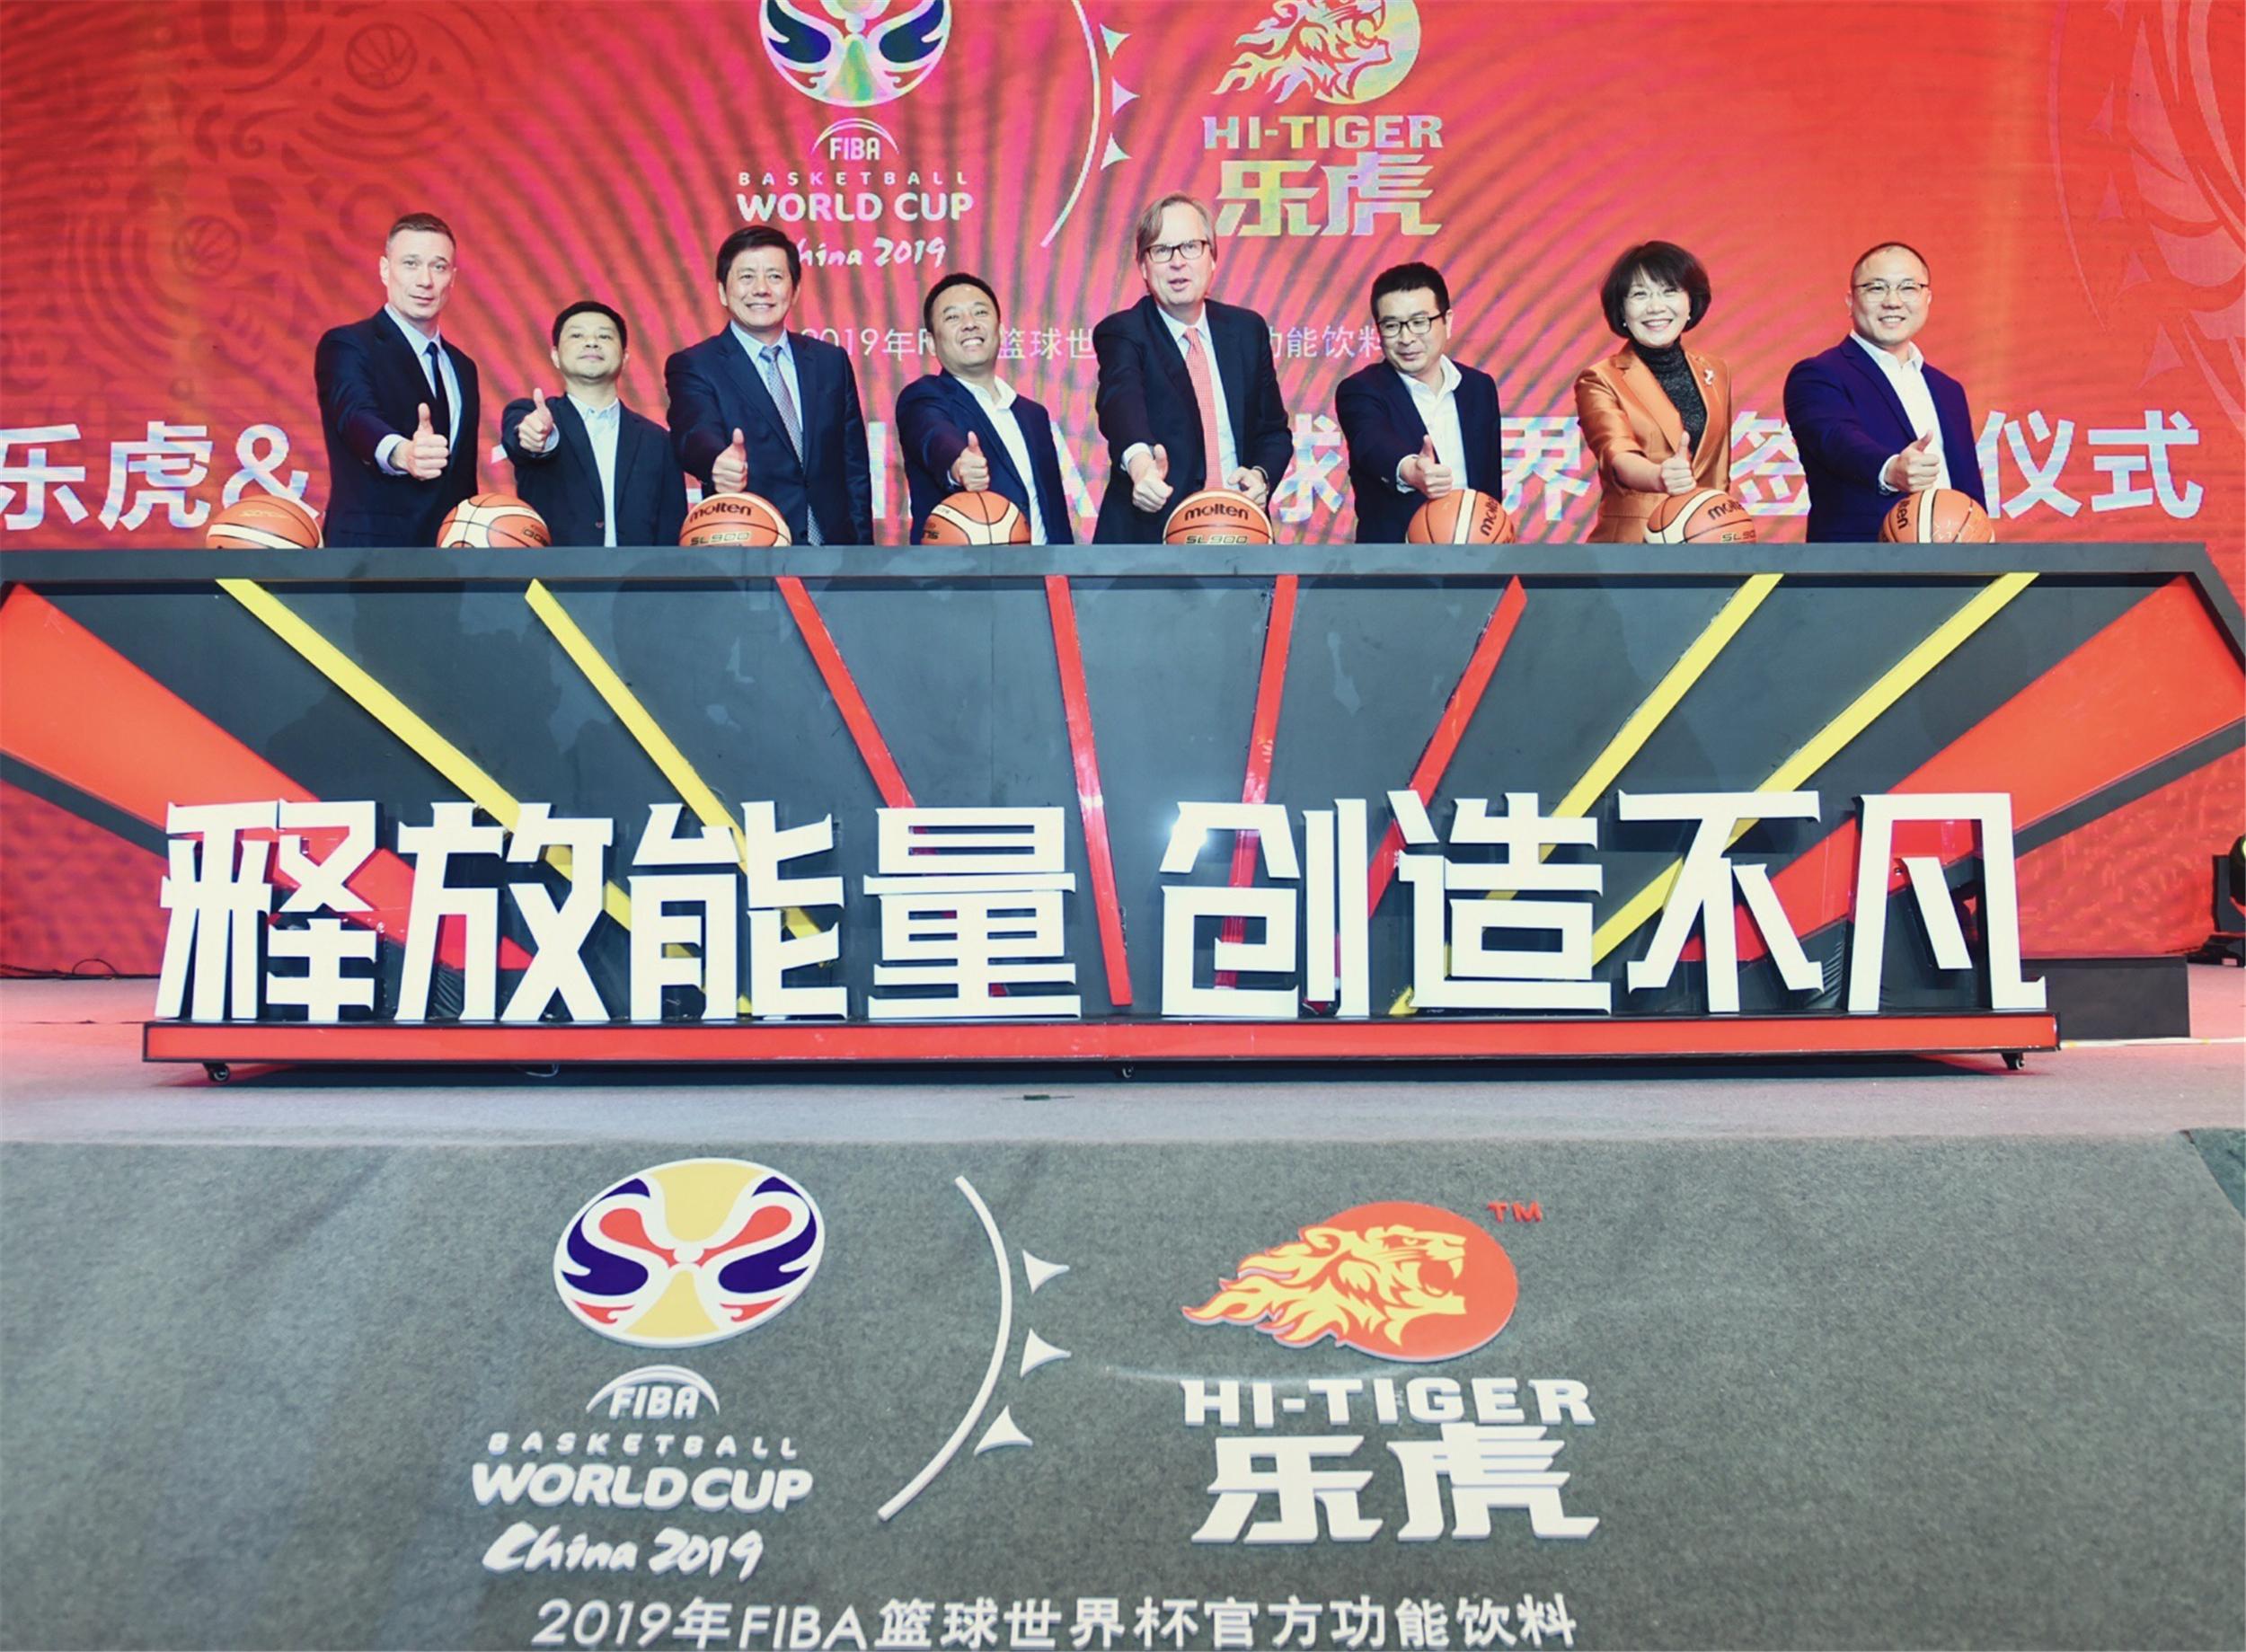 乐虎:篮球世界杯赞助商,世界舞台的能量释放